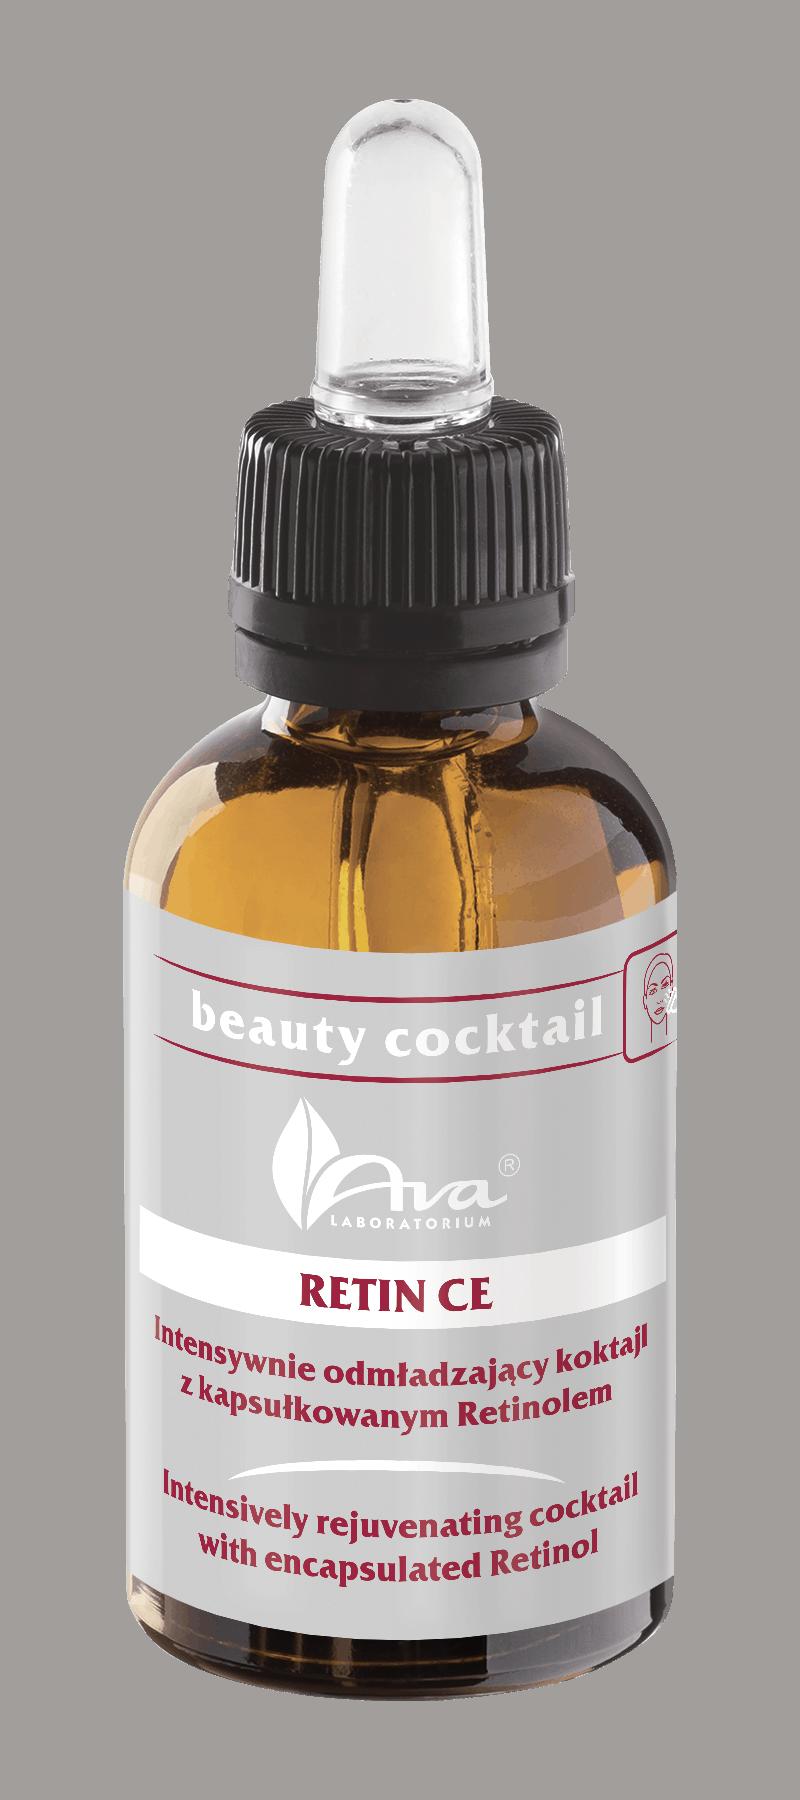 PS_Retin_CE_Bottle_PL